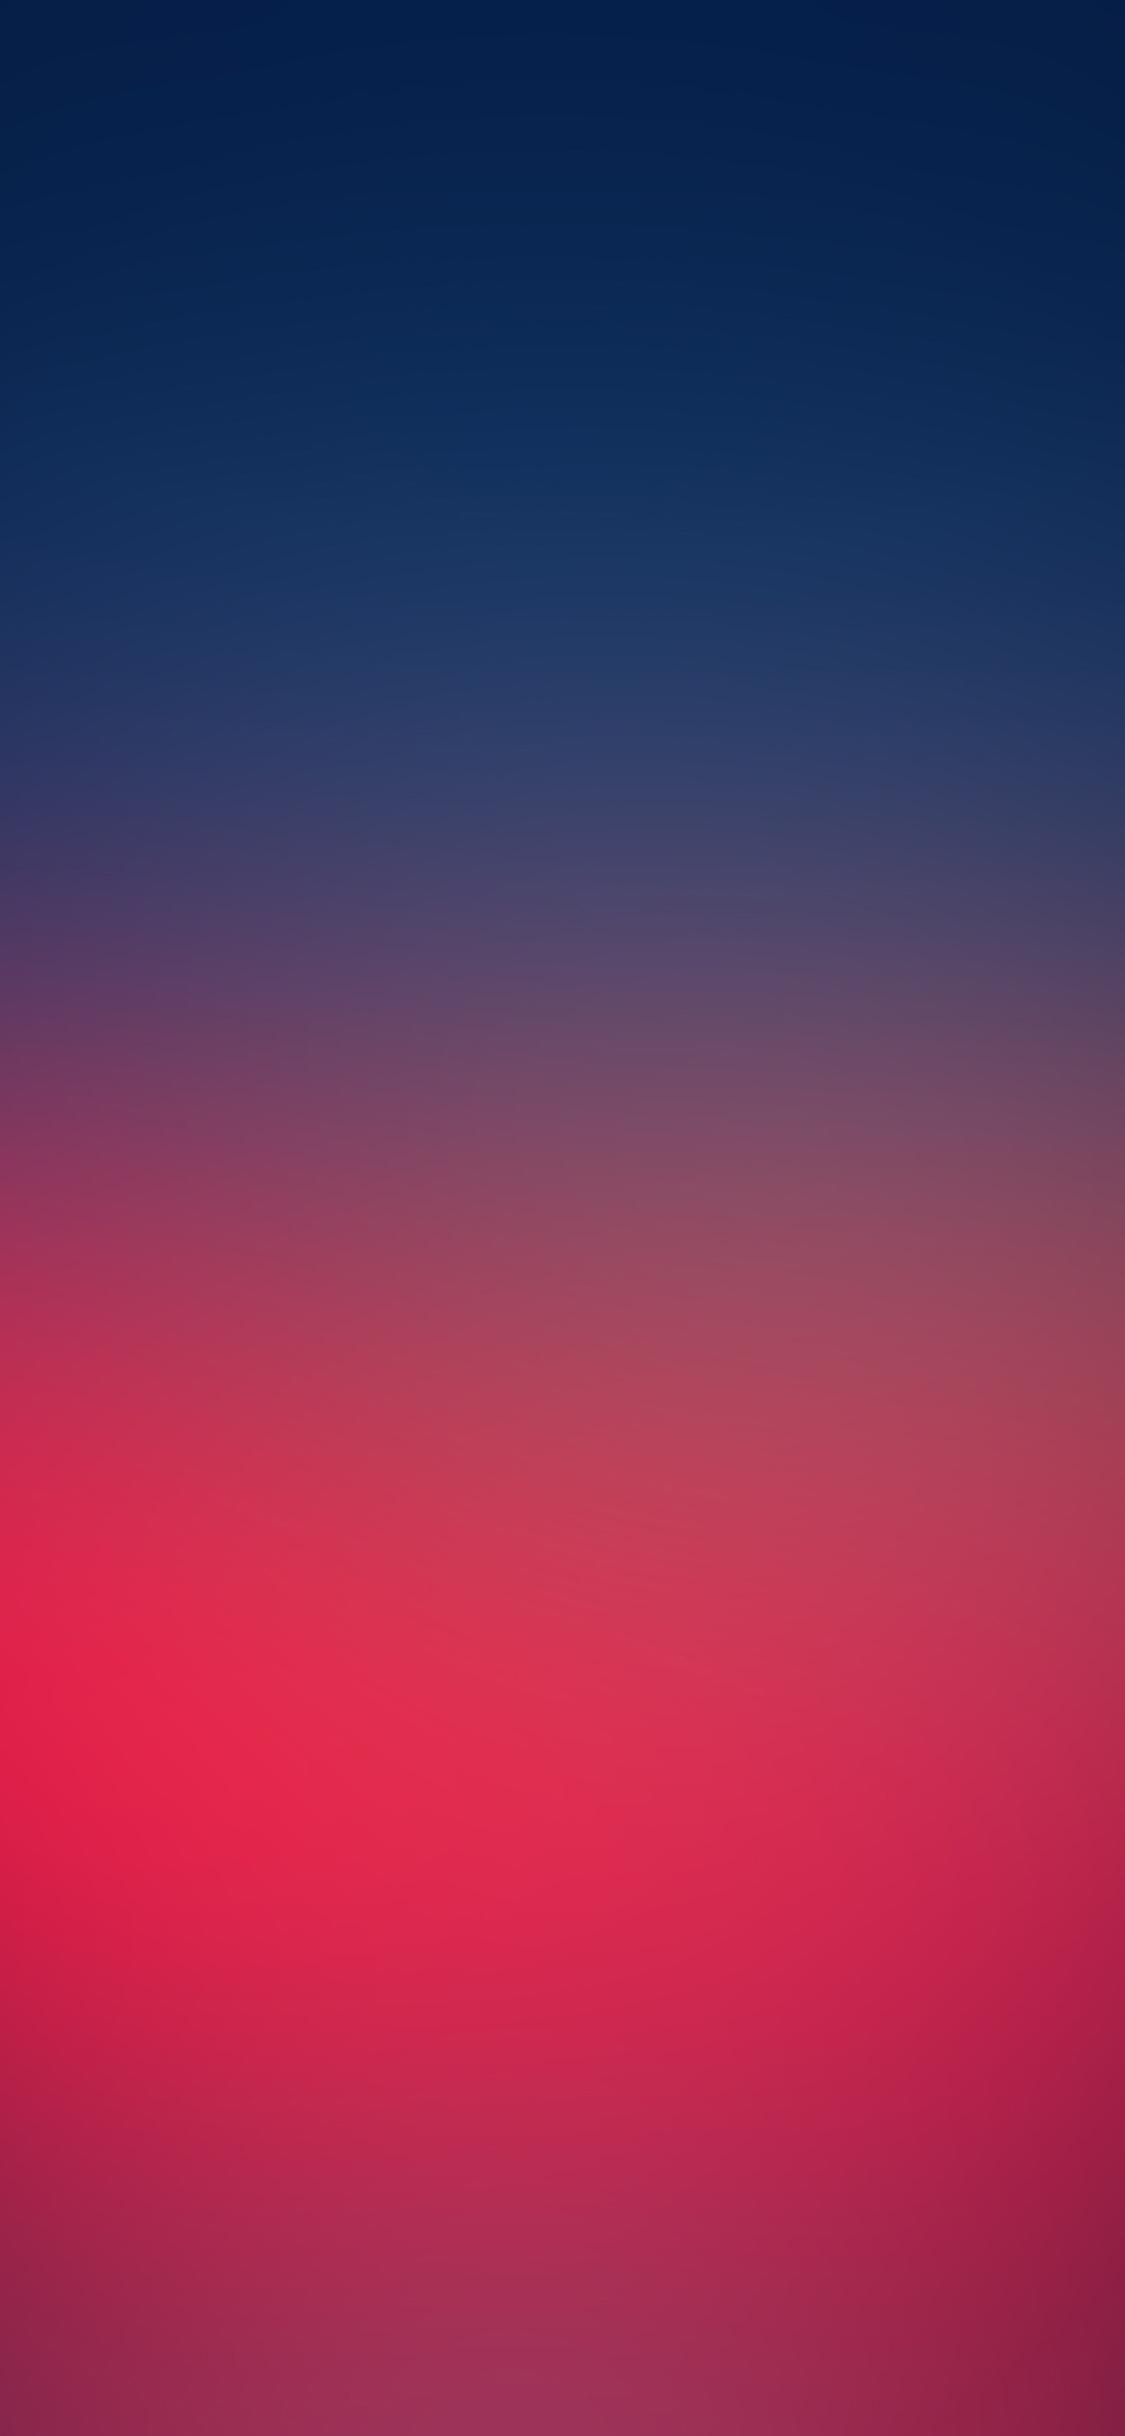 iPhoneXpapers.com-Apple-iPhone-wallpaper-sc14-super-bad-blur